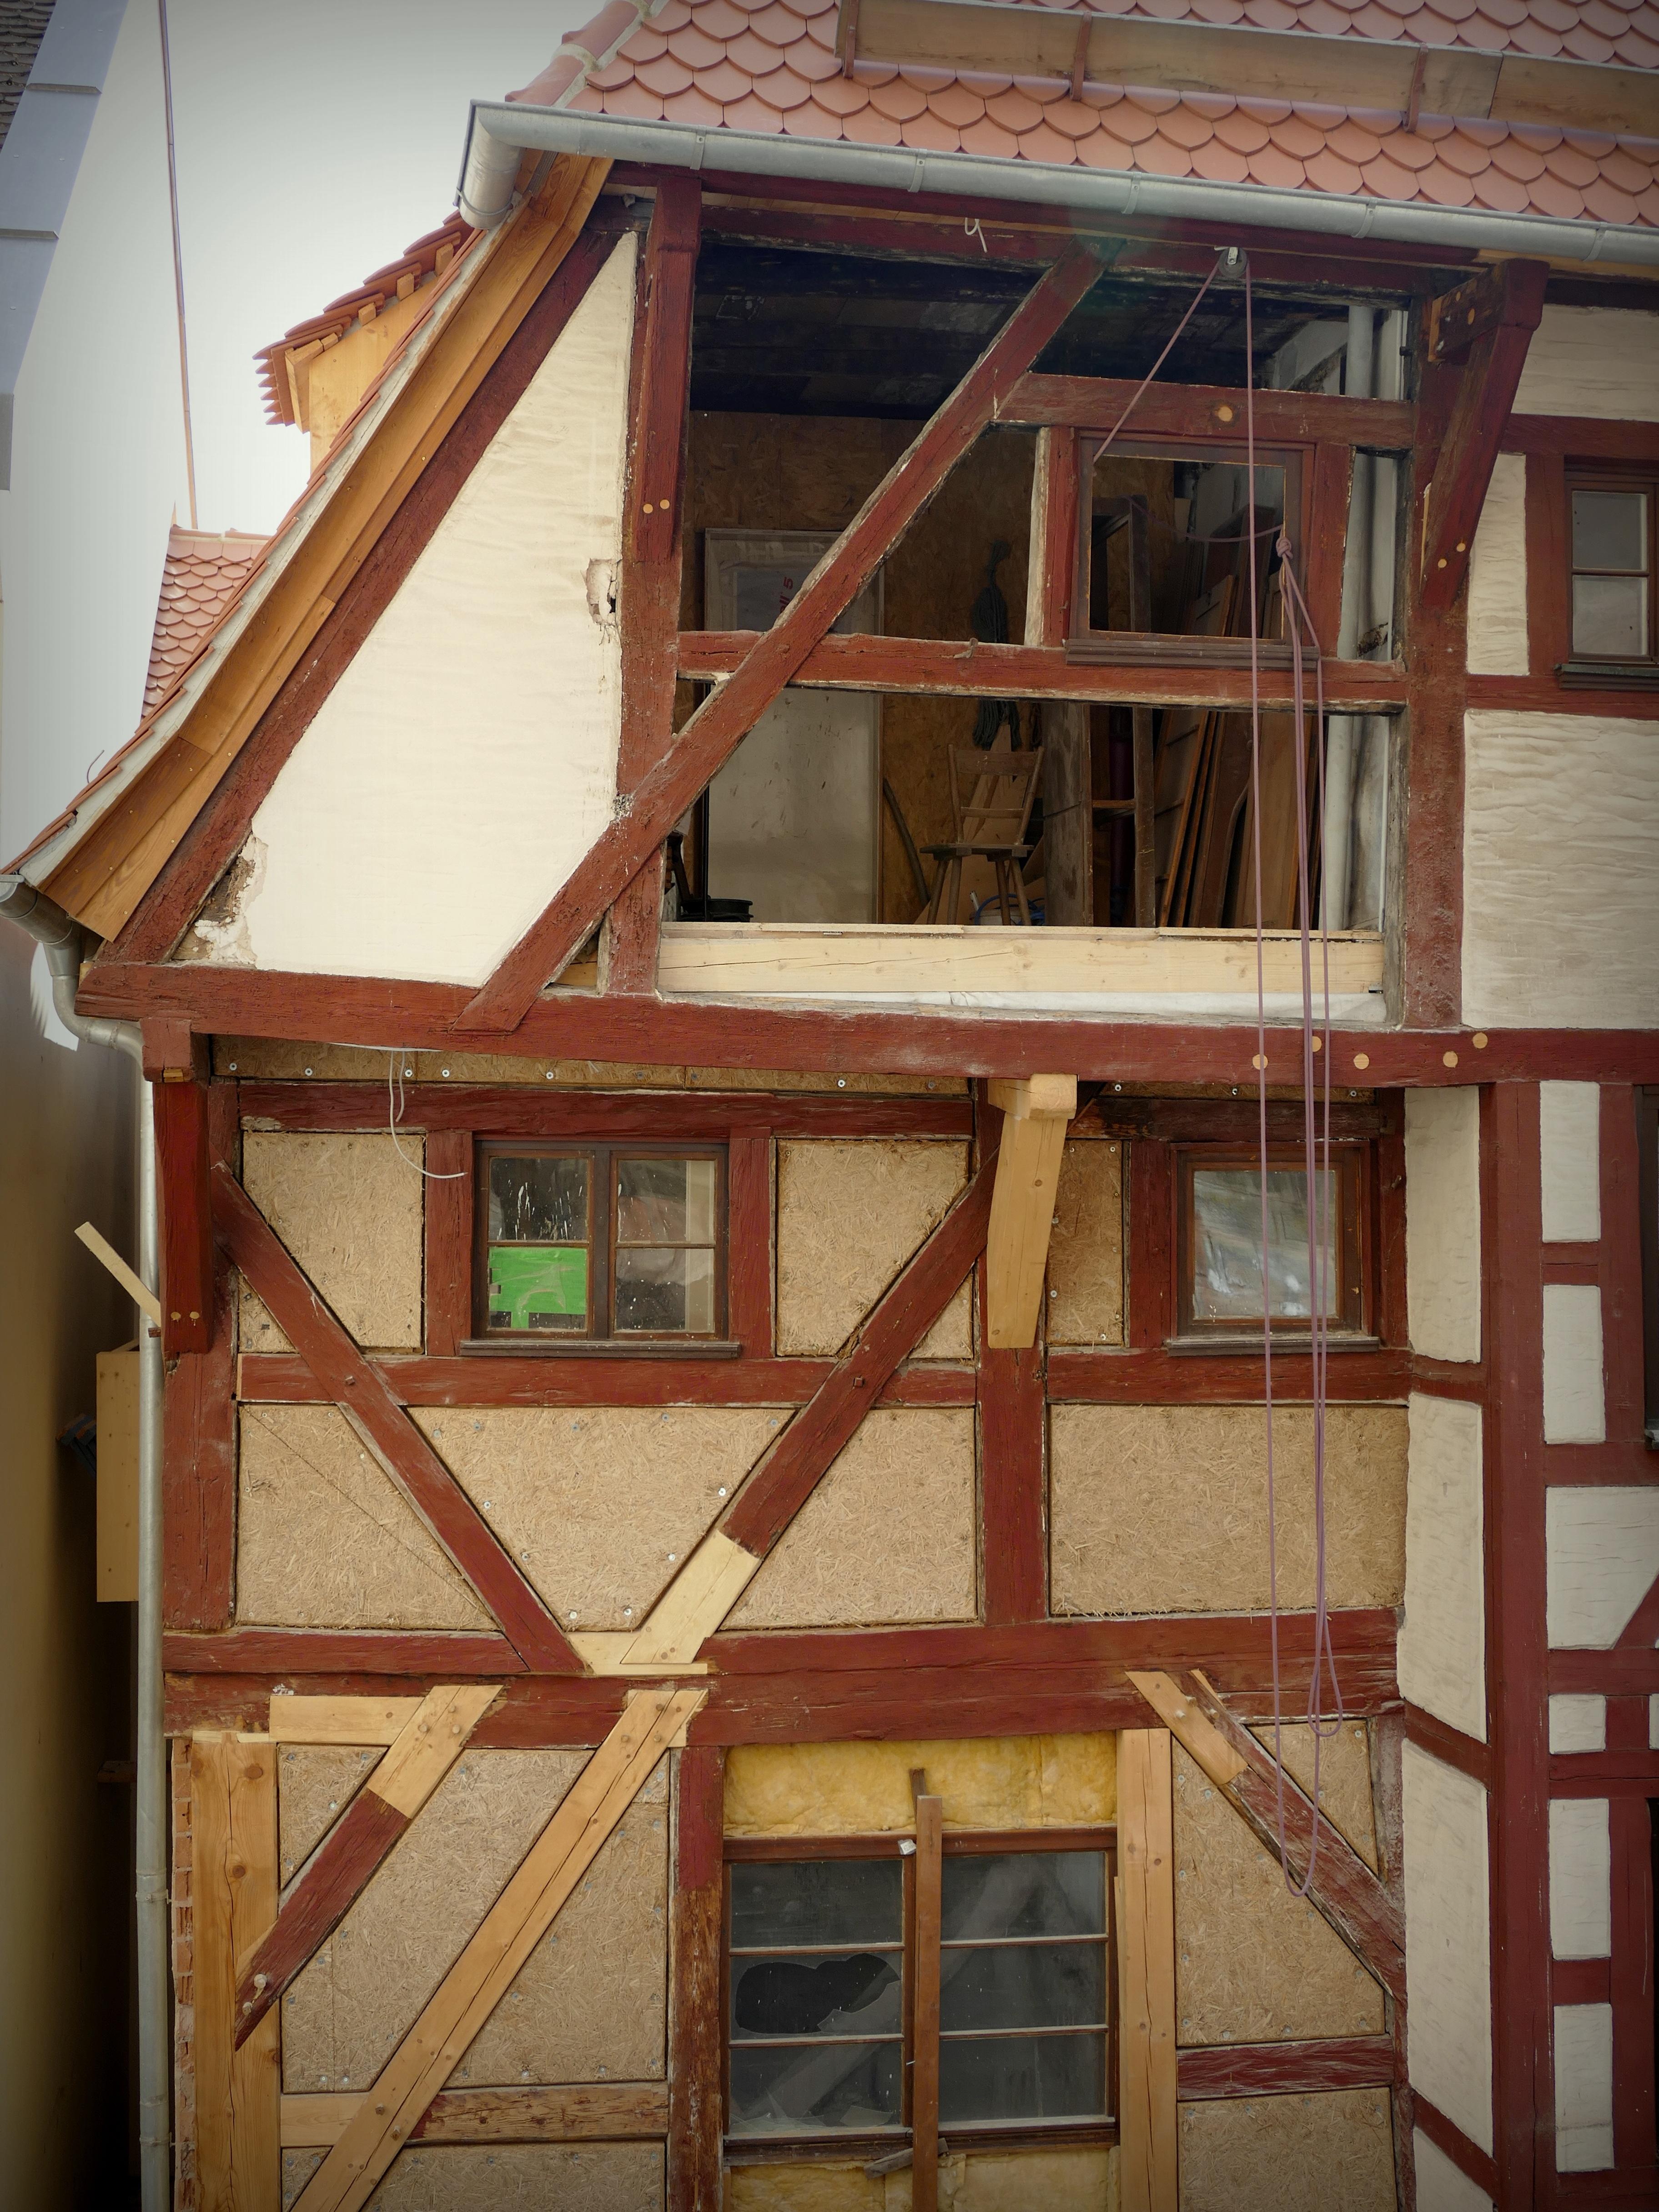 Kostenlose foto : die Architektur, Holz, Haus, Fenster, alt, Zuhause ...